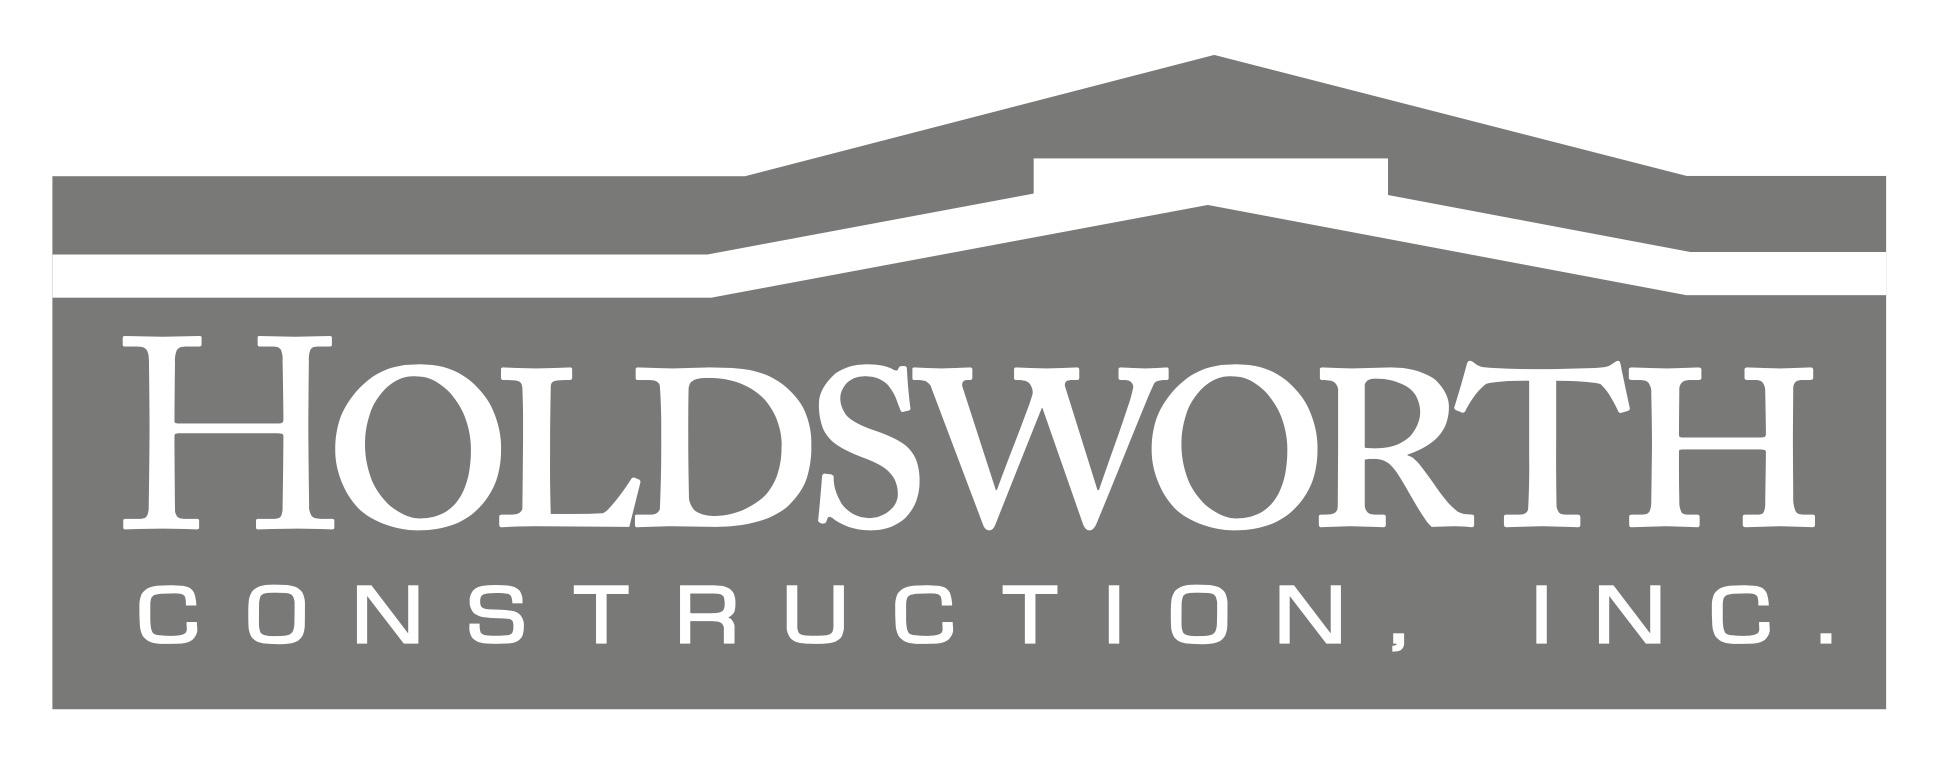 Holdsworth Construction, Inc